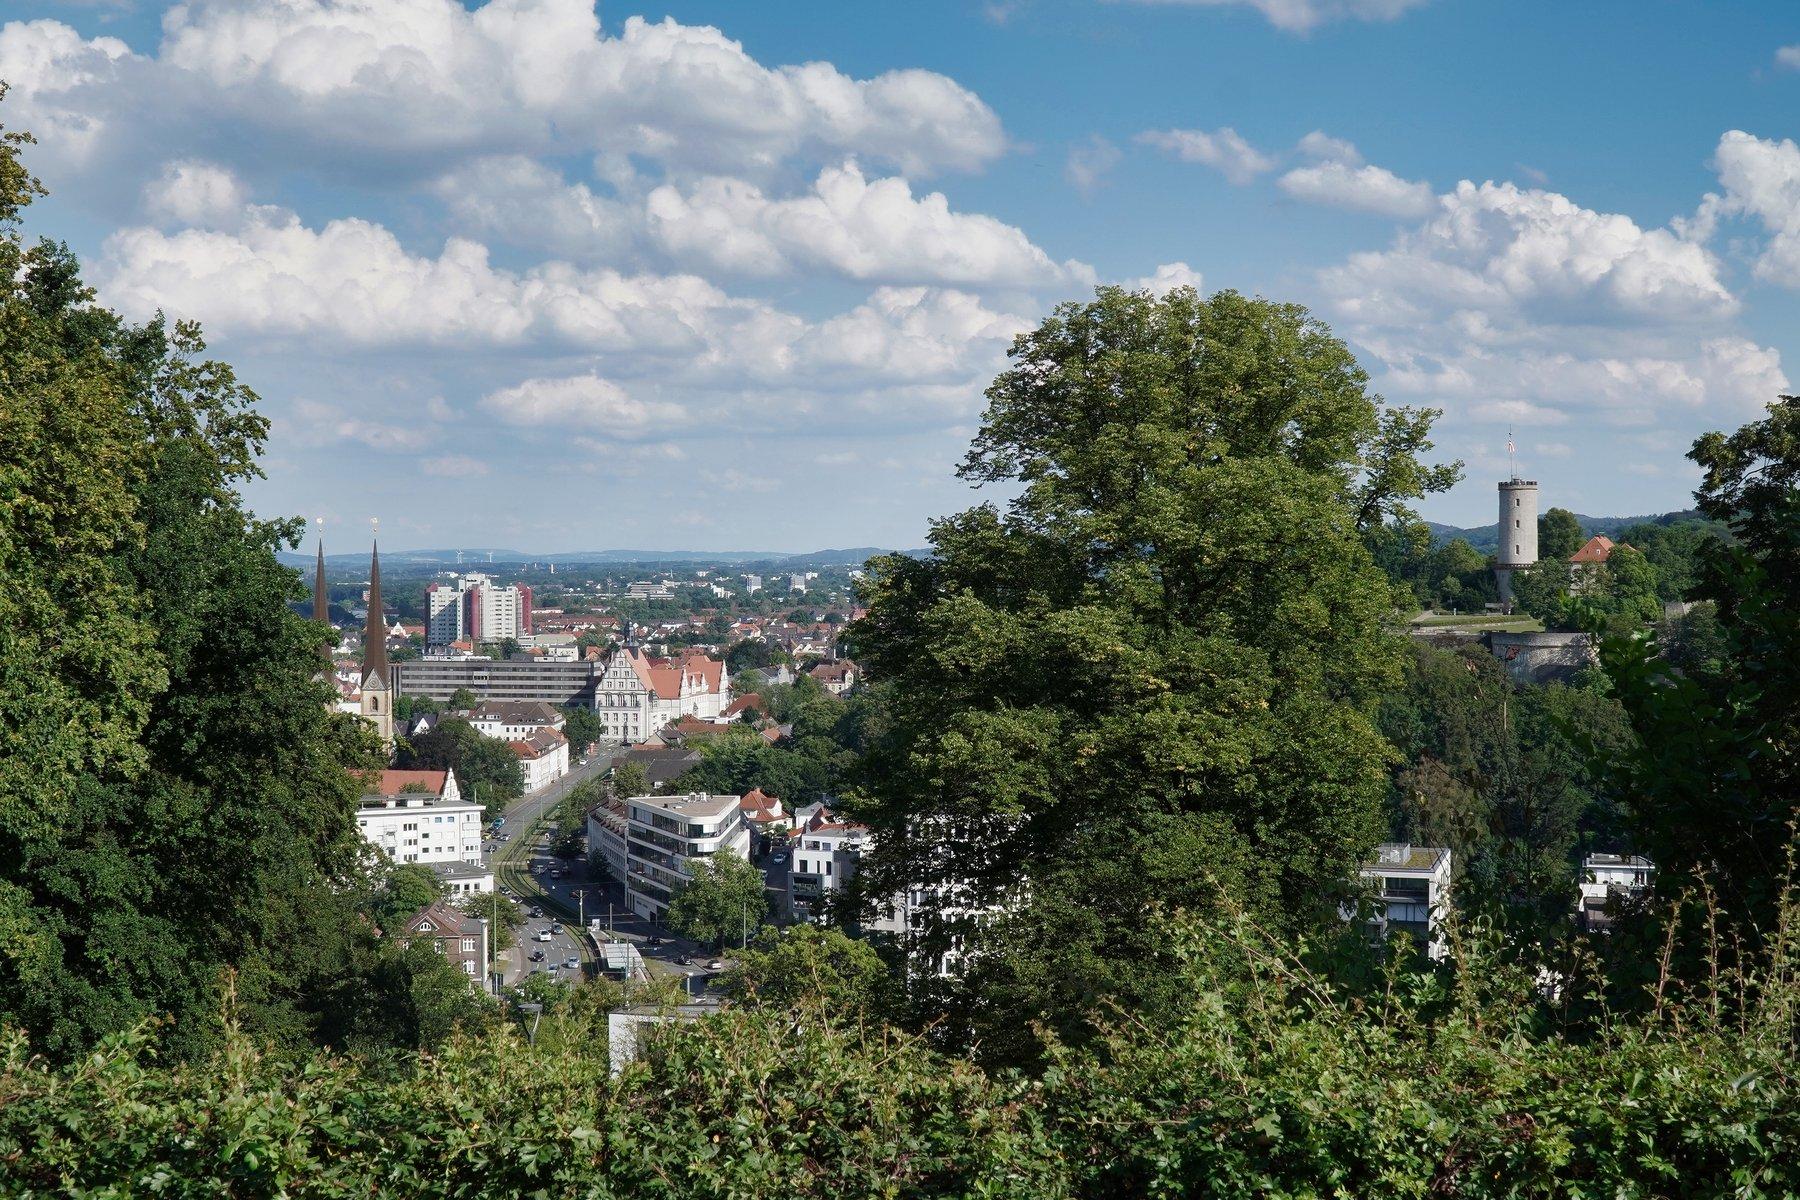 bielefeld-sparrenburg-altstadt-johannisberg